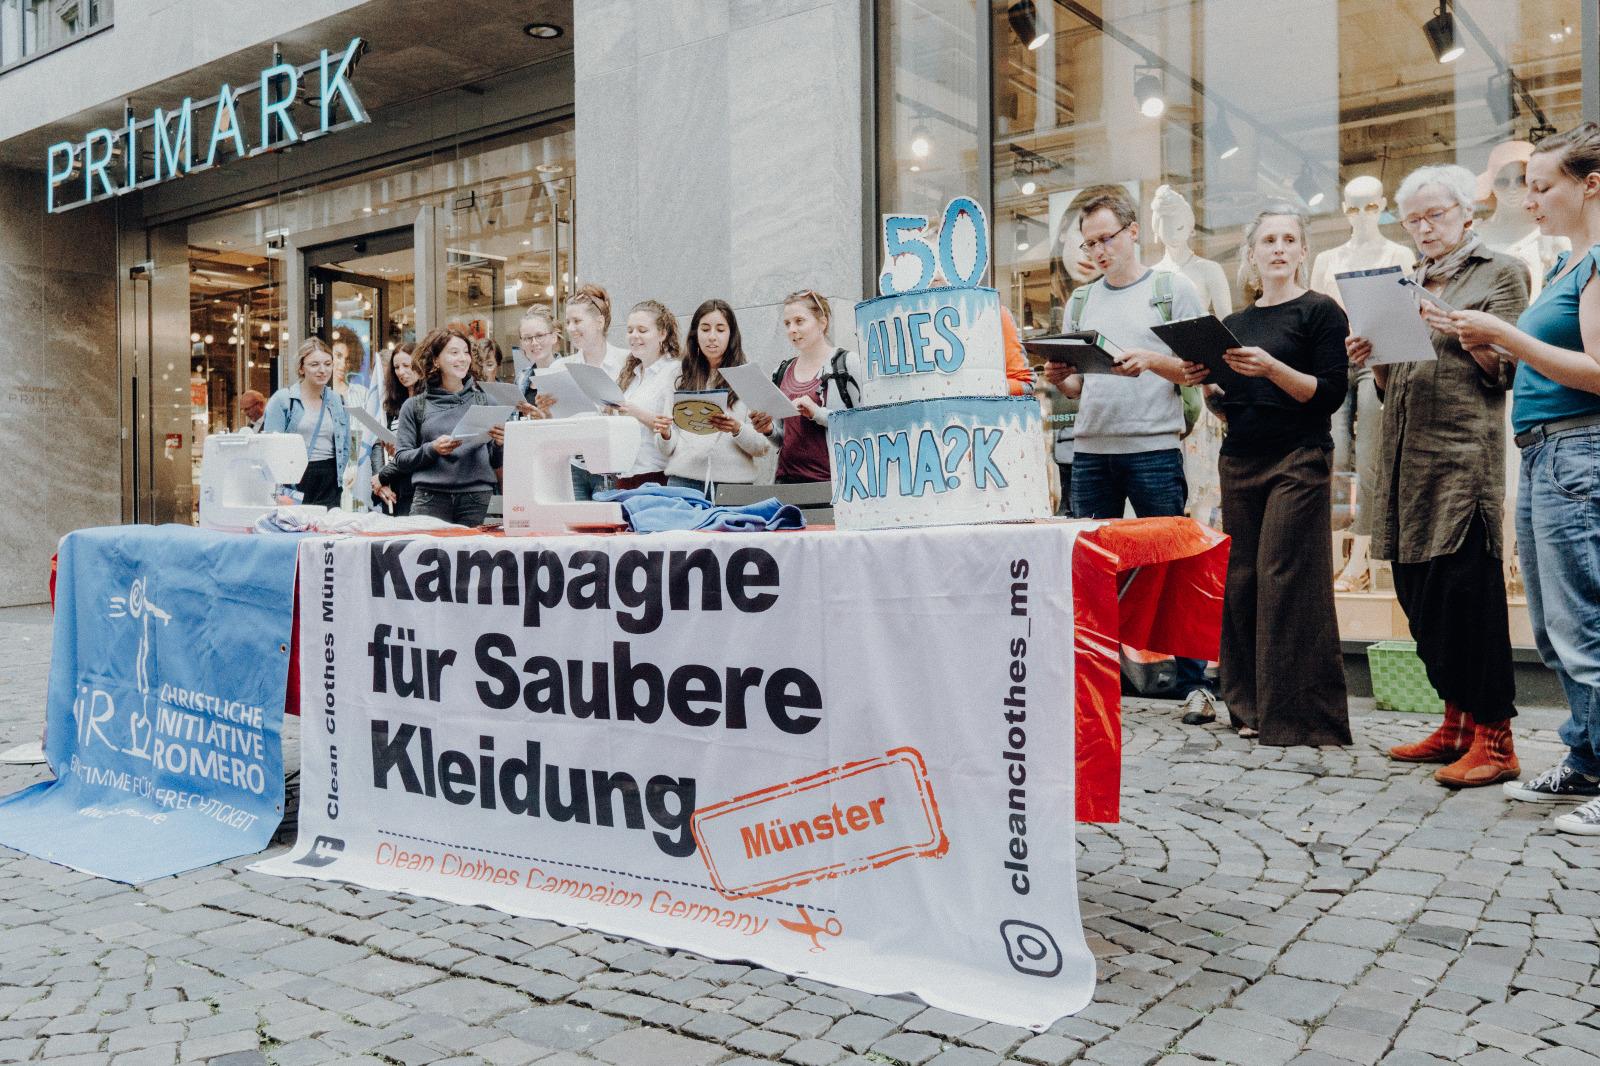 """Eindrücke von der Aktions der CIR und Clean Clothes Münster vor Primark zu dessen 50. Geburtstag unter dem Motto """"alles Prima?k"""""""